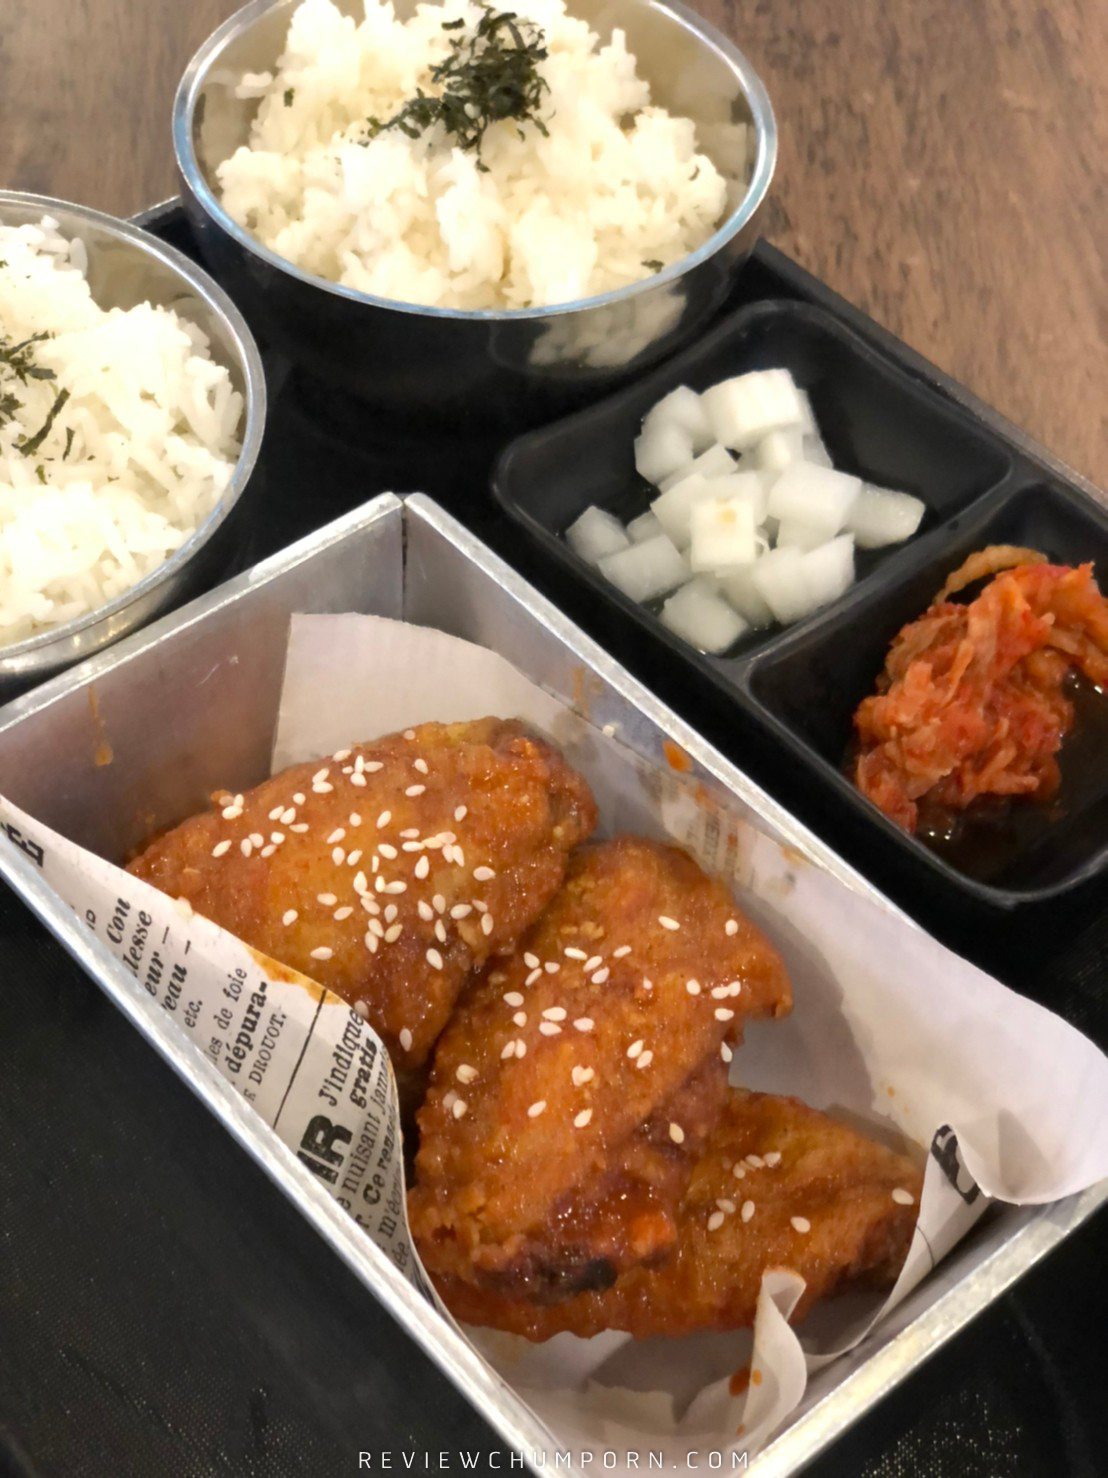 คาเฟ่ชุมพร,ร้านเกาหลีชุมพร,ร้านอาหารชุมพร